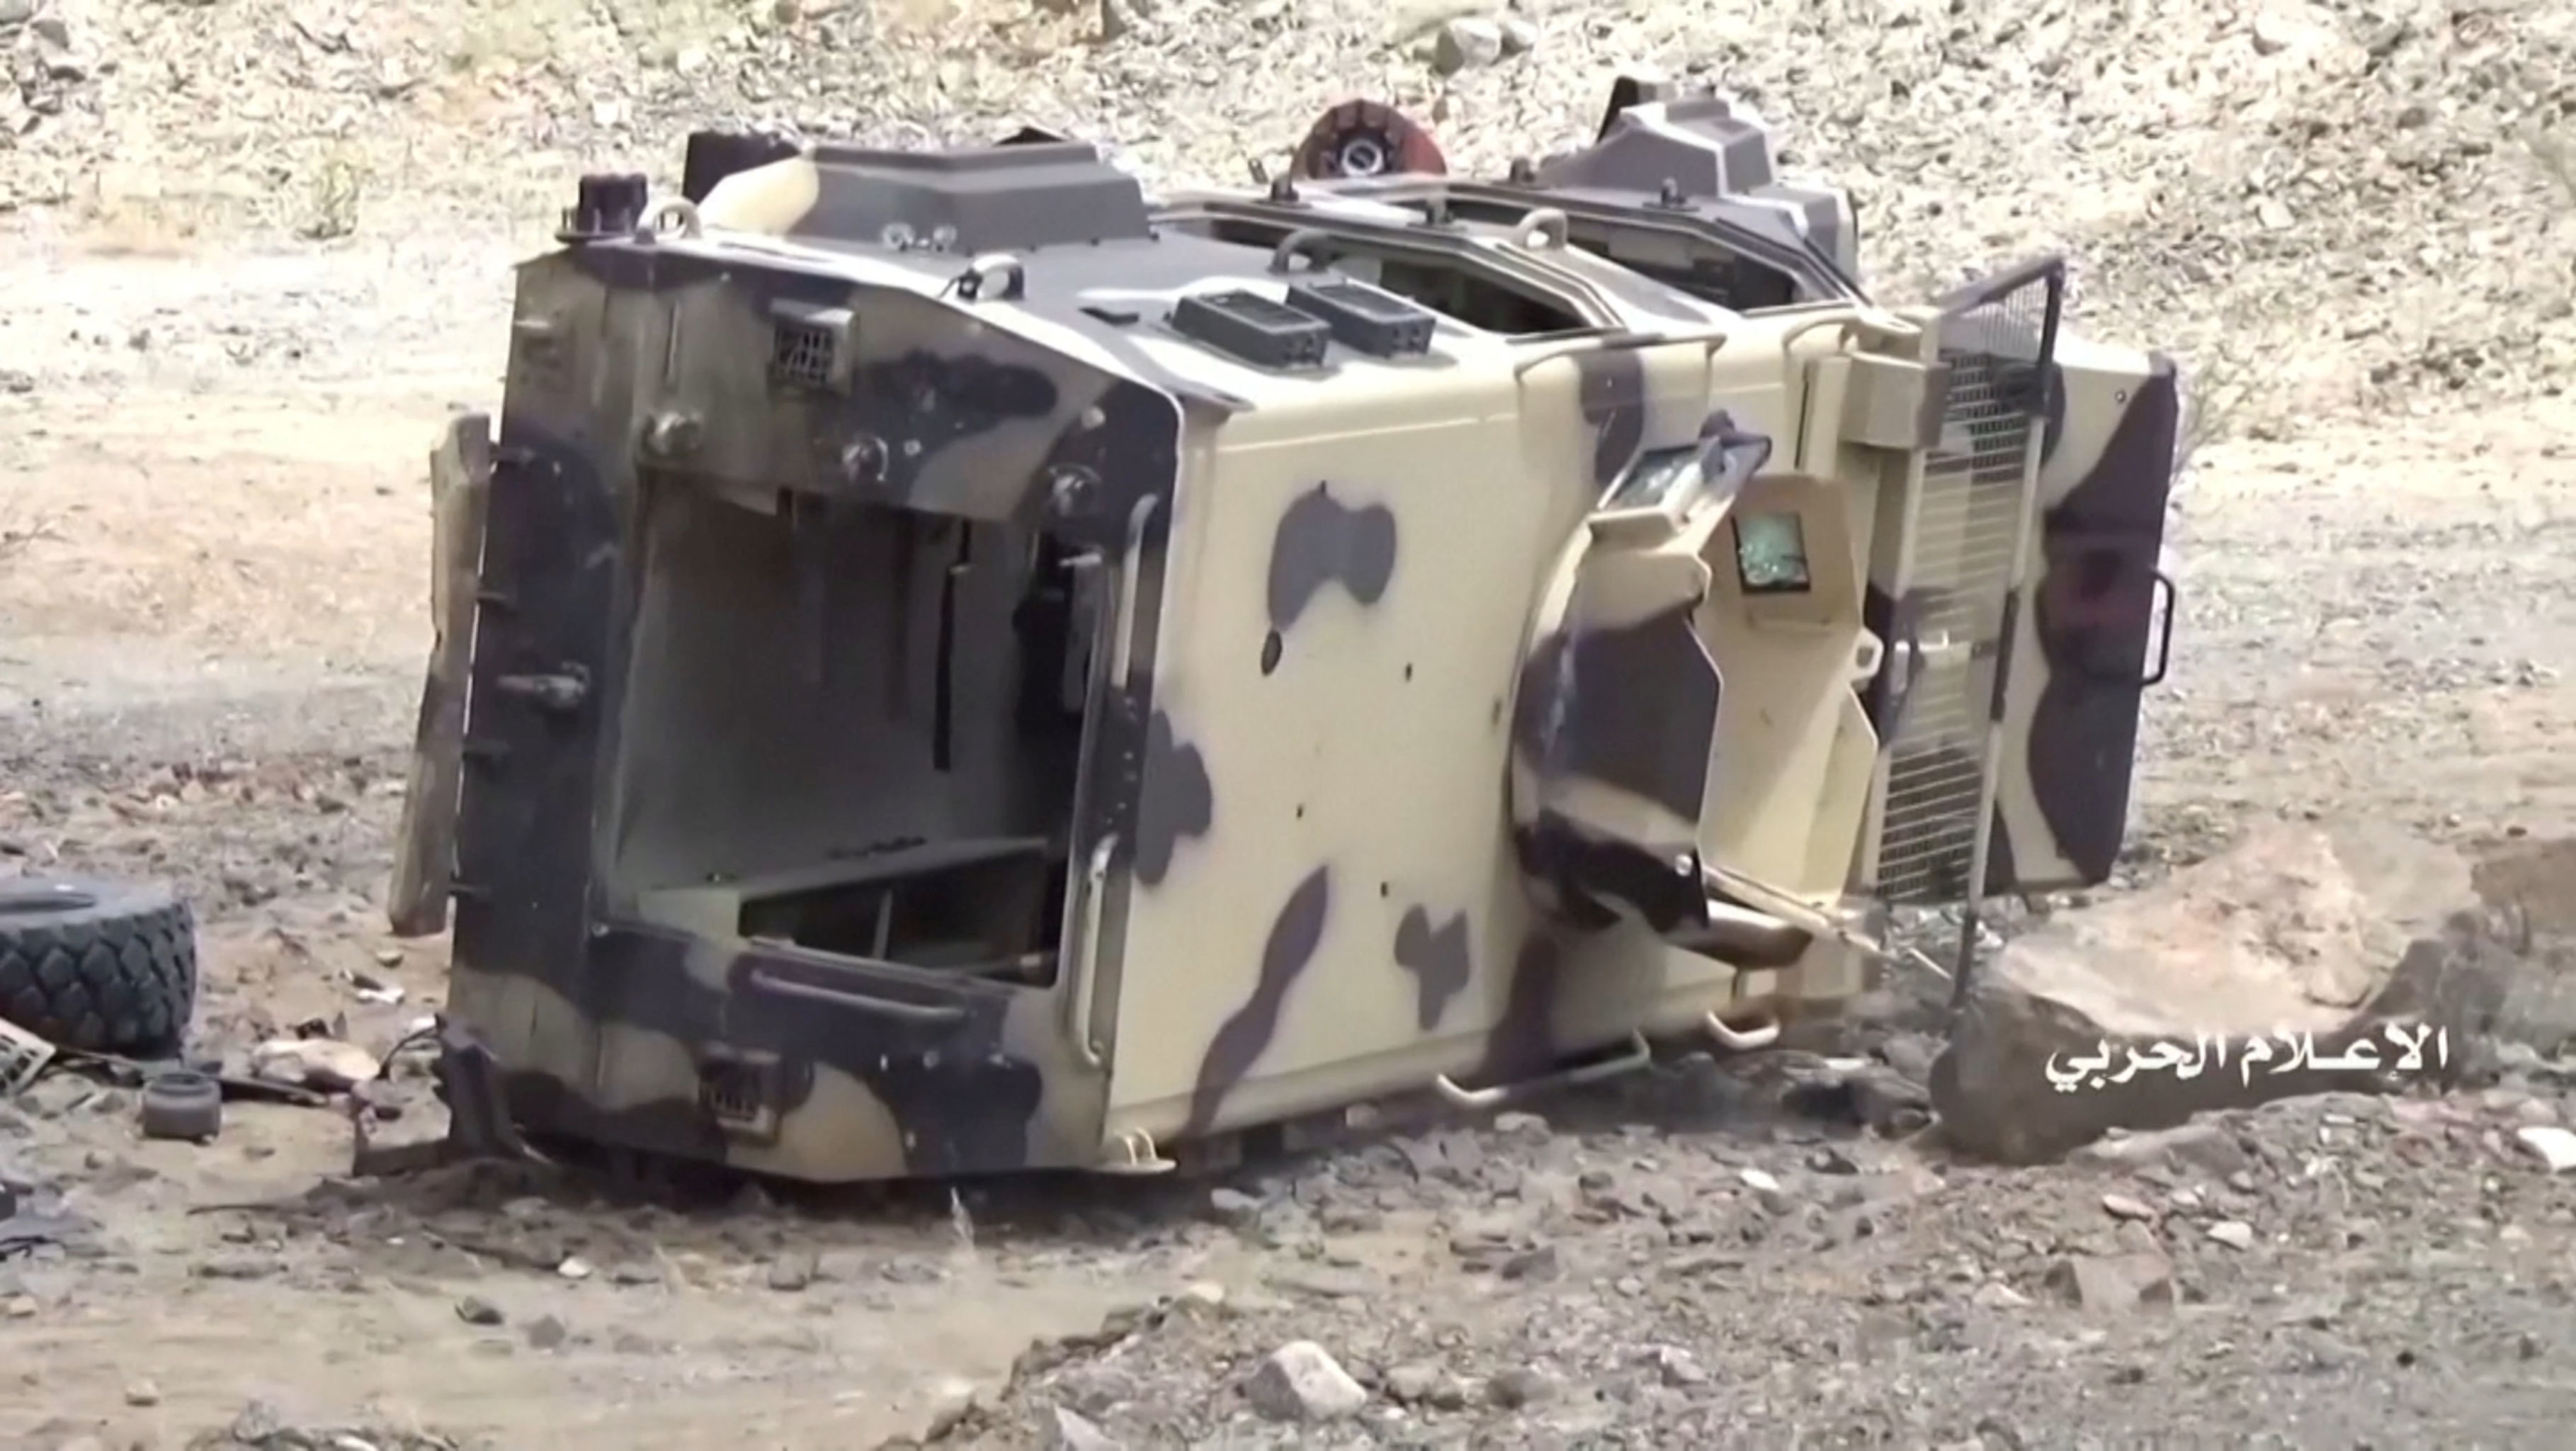 Veículo tombado, supostamente pertencente às forças sauditas, é visto após ataque de houthis iemenitas na província saudita de Najran, perto da fronteira entre Iêmen e Arábia Saudita, 29 de setembro de 2019